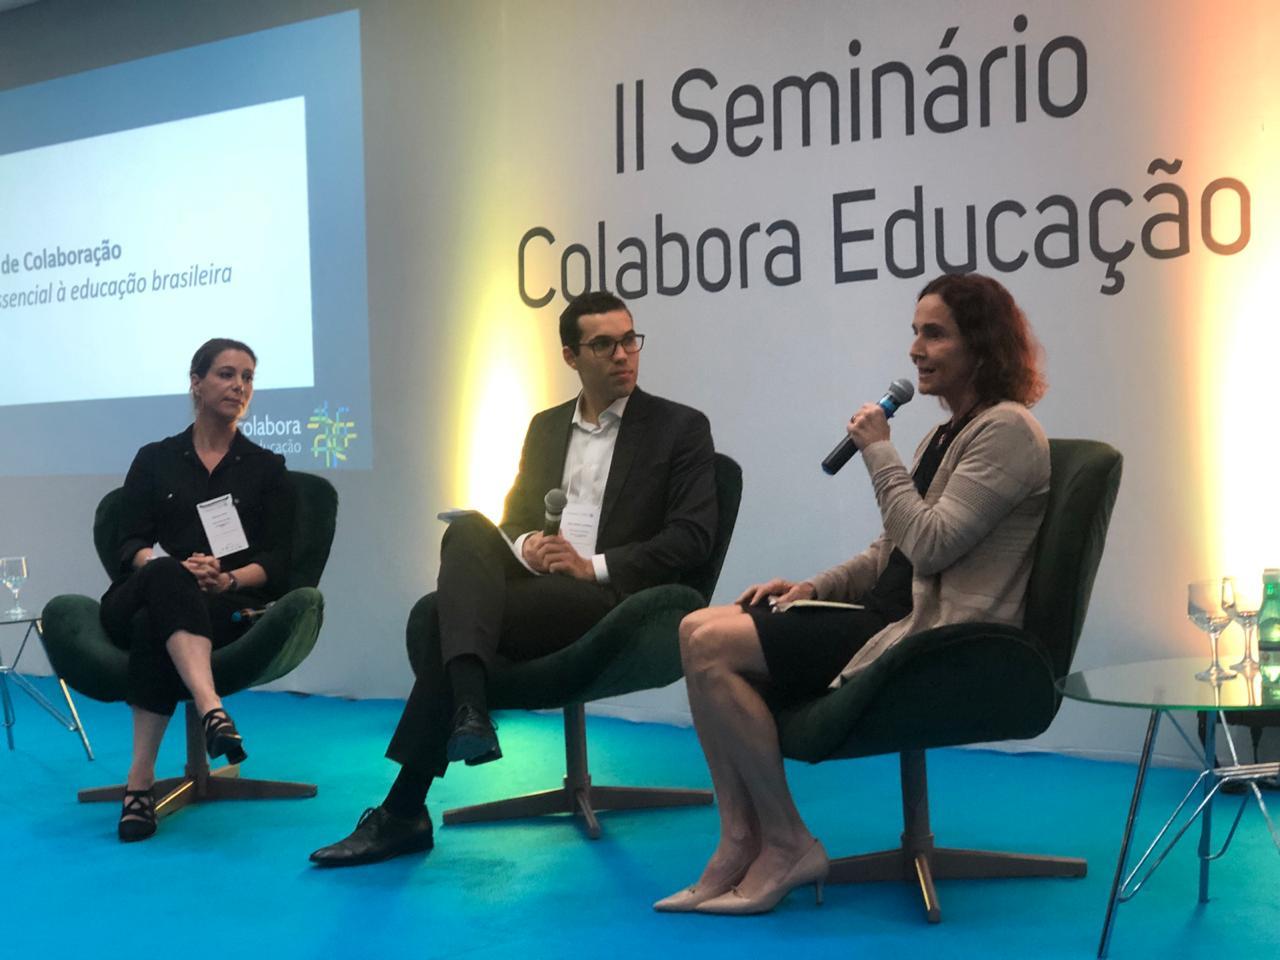 Izolda Cela reforça importância de ações colaborativas para o desenvolvimento da Educação no Ceará